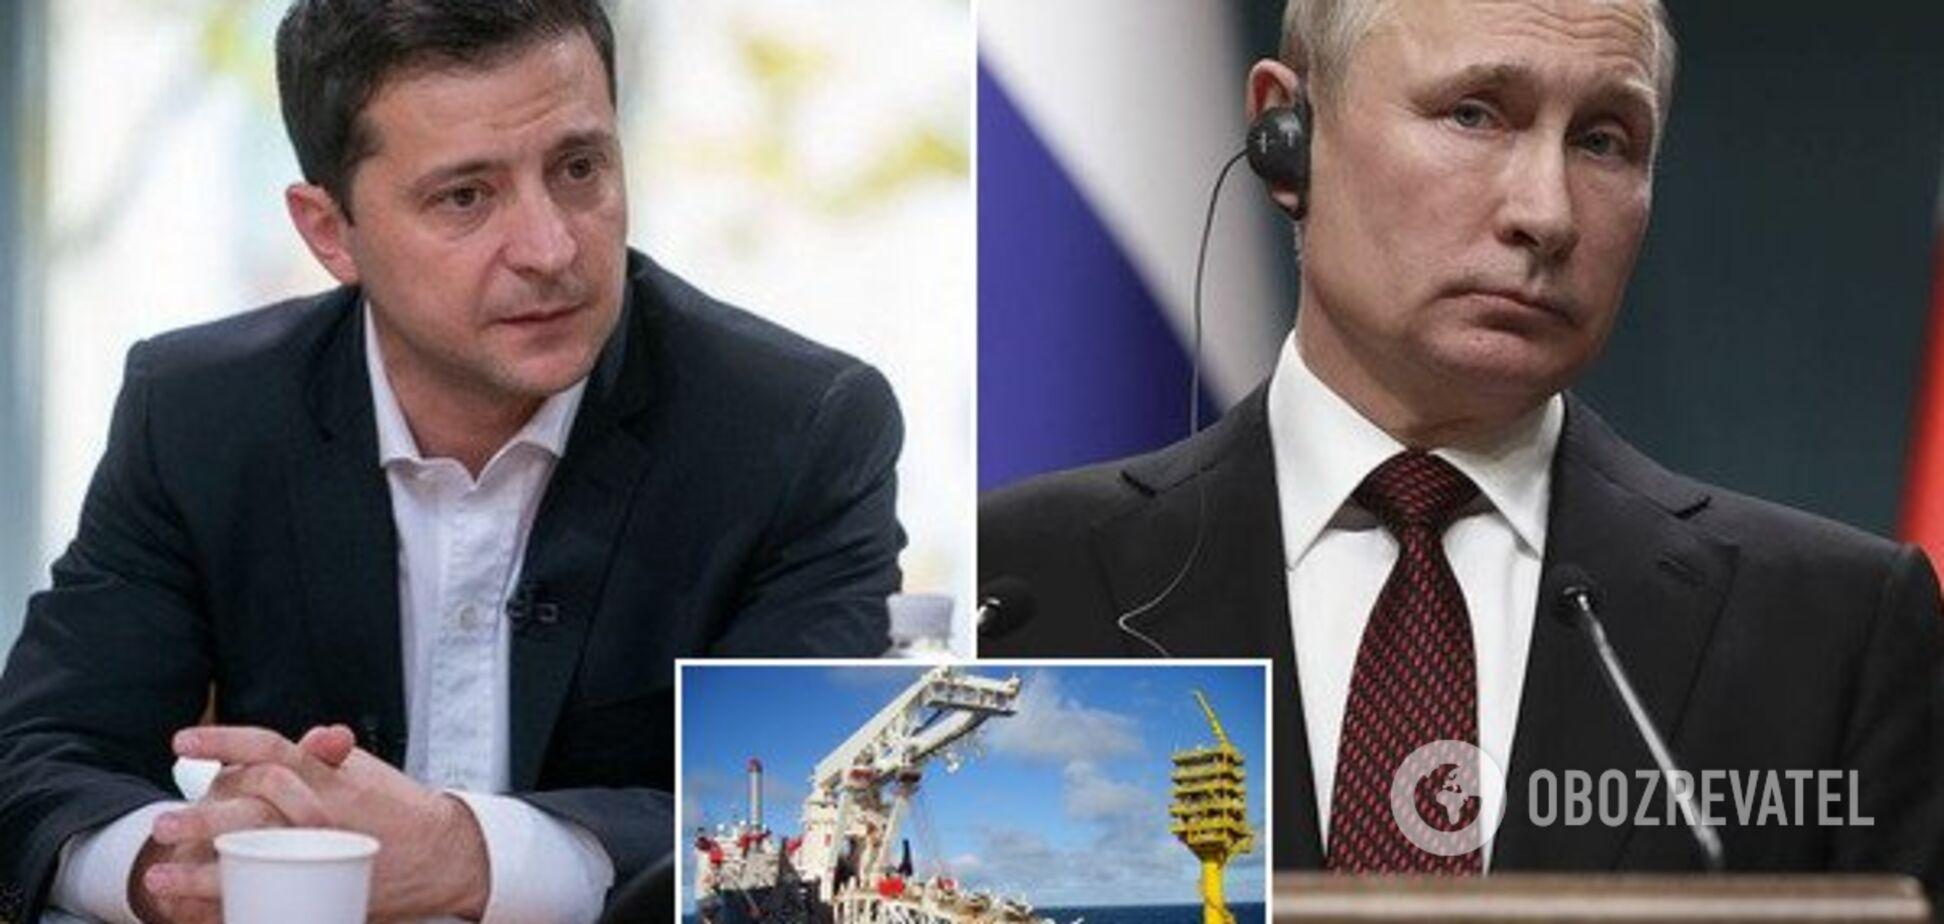 Німеччина кинула Україну: Зеленський зв'язався з президентом Євроради через газопровід Путіна